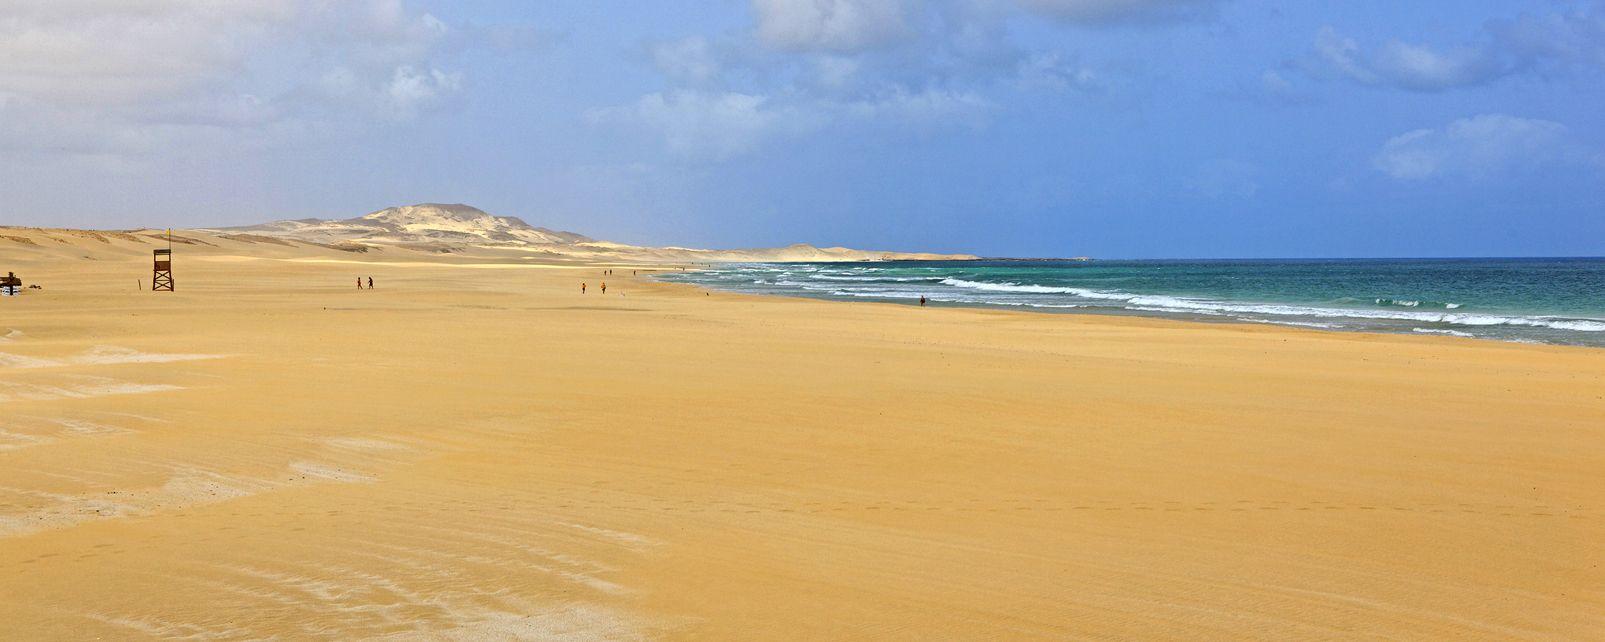 las mejores playas de Cabo Verde, las mejores playas, playas Cabo Verde